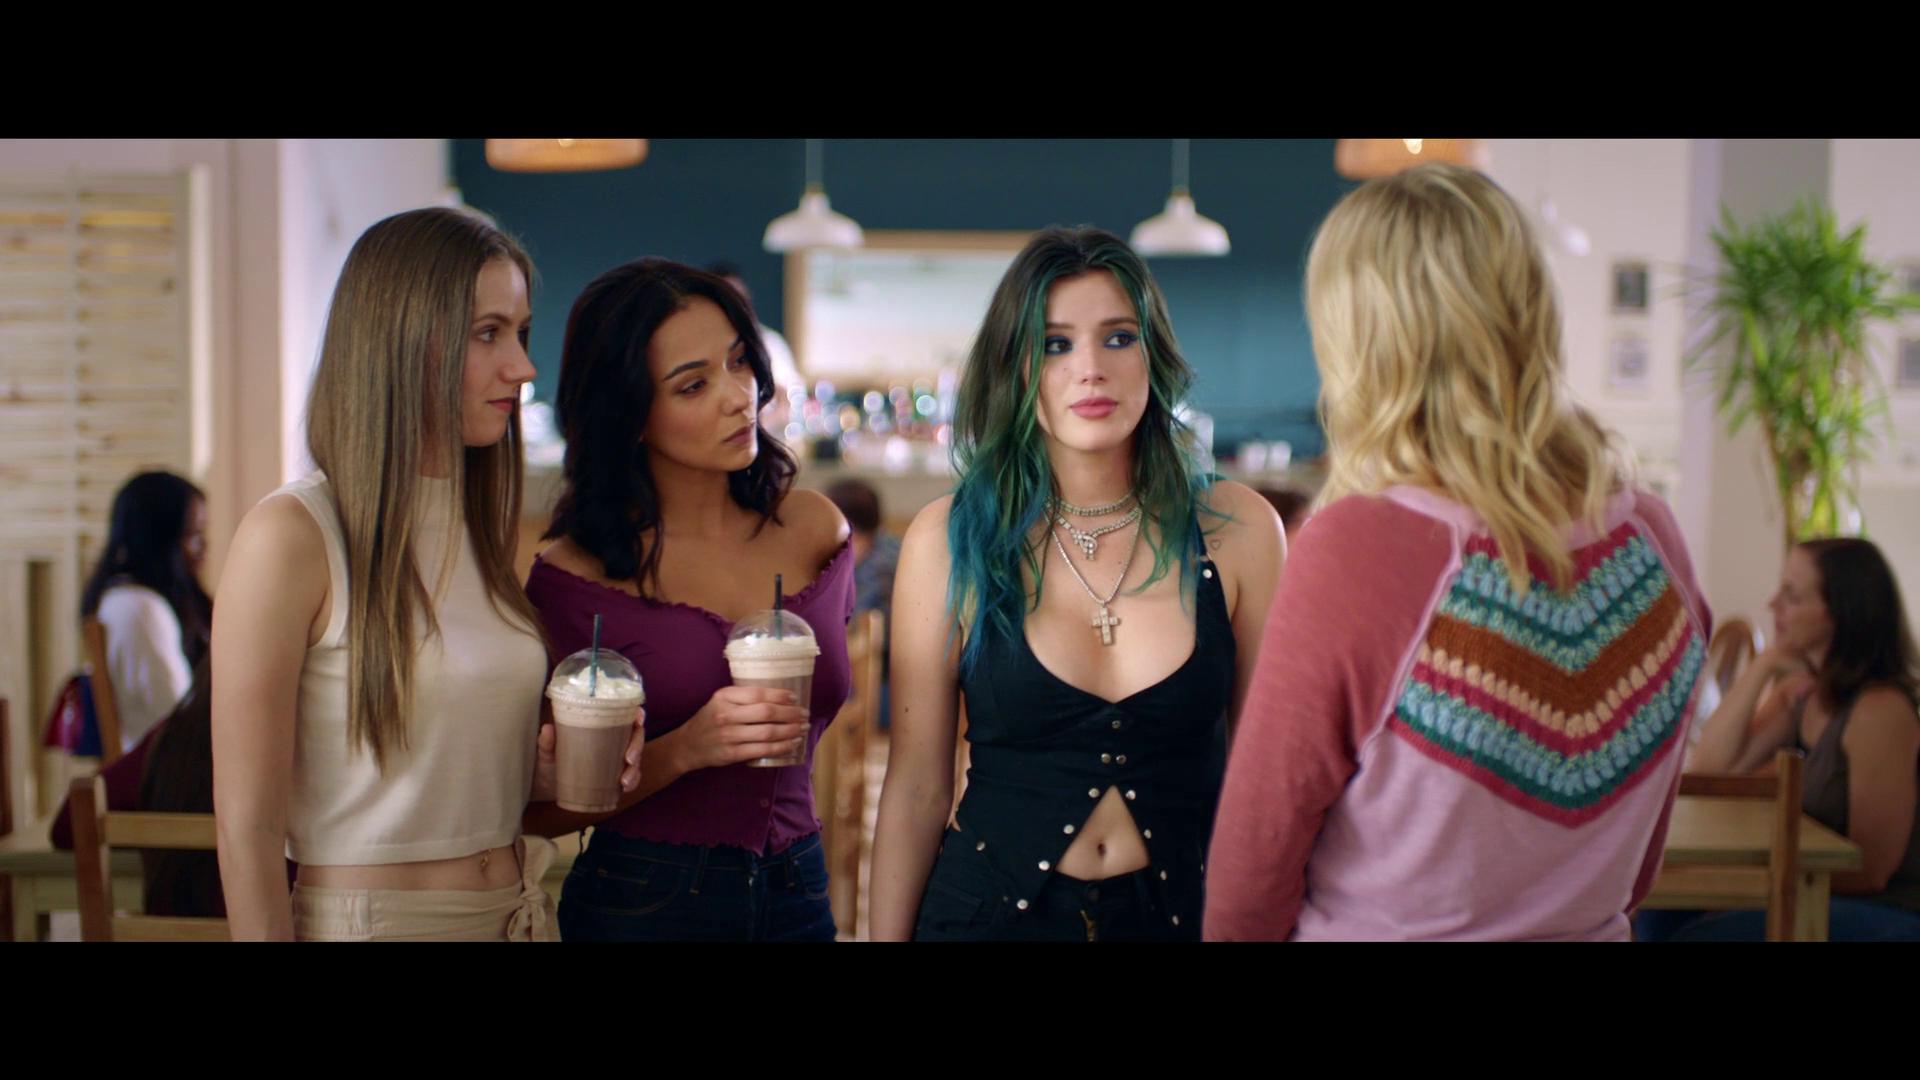 Pelea de chicas (2020) 1080p 60FPS BDRip Latino